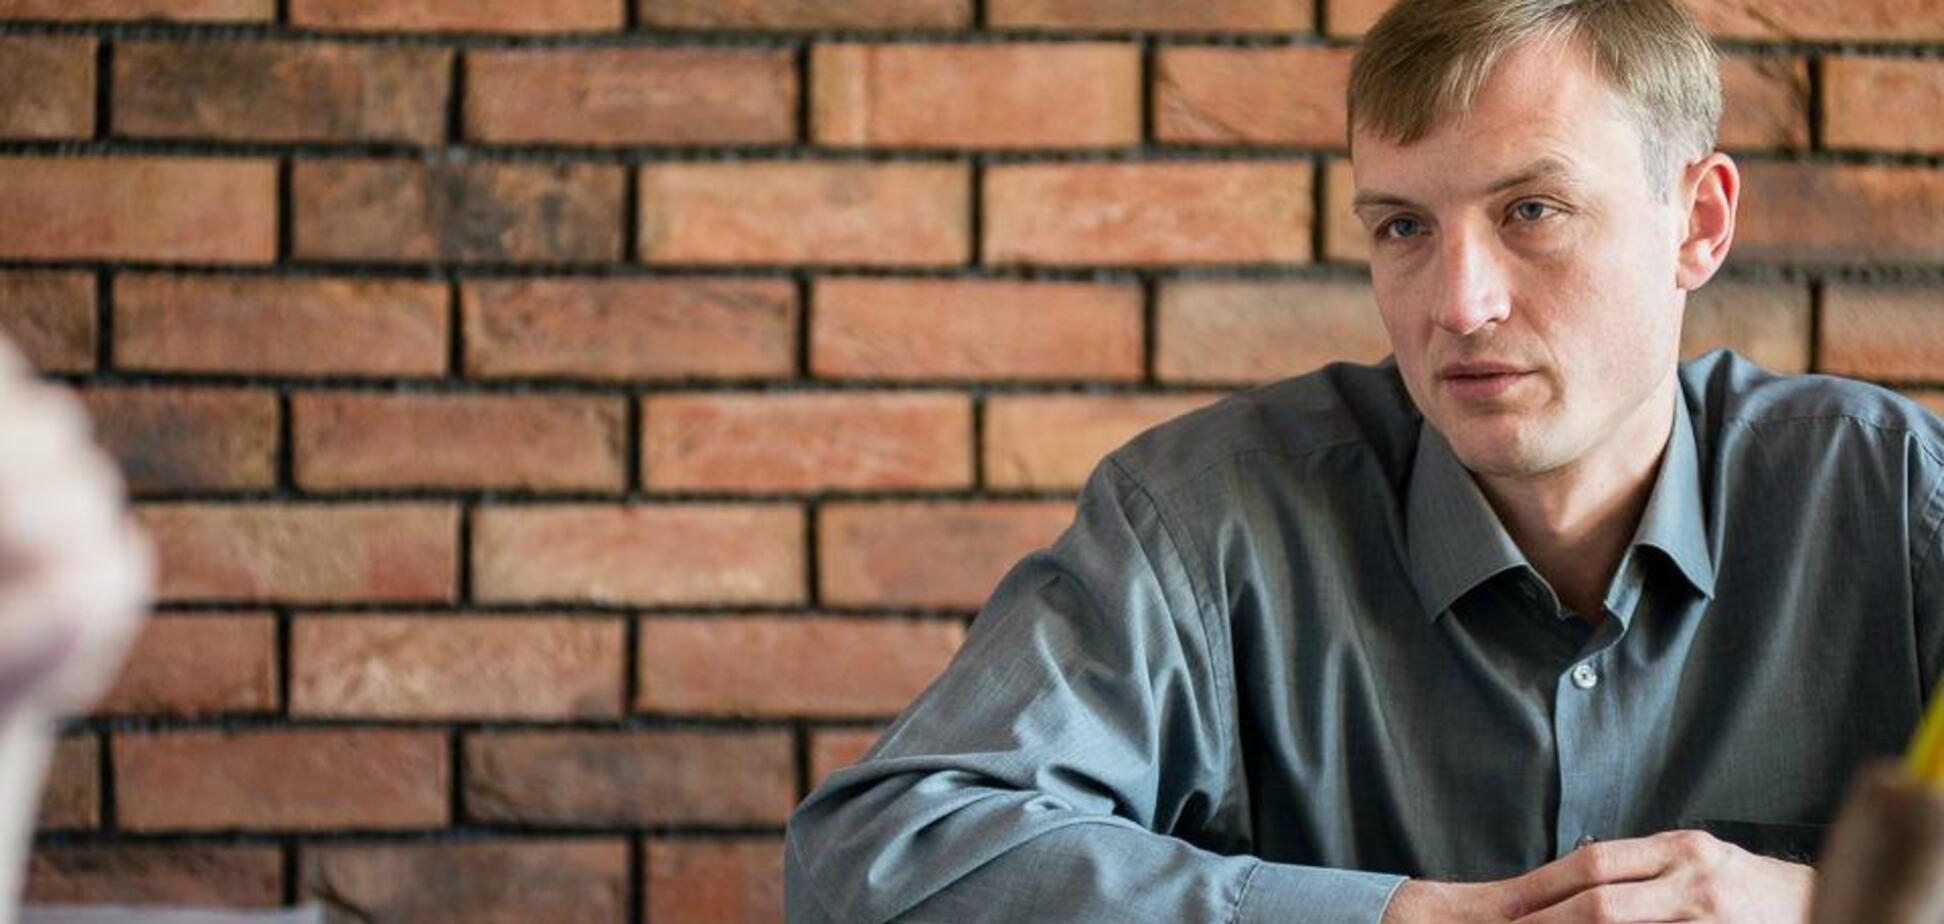 Директора 'Карабаса' звинувачують у шахрайстві і доведенні компанії до банкрутства: деталі історії